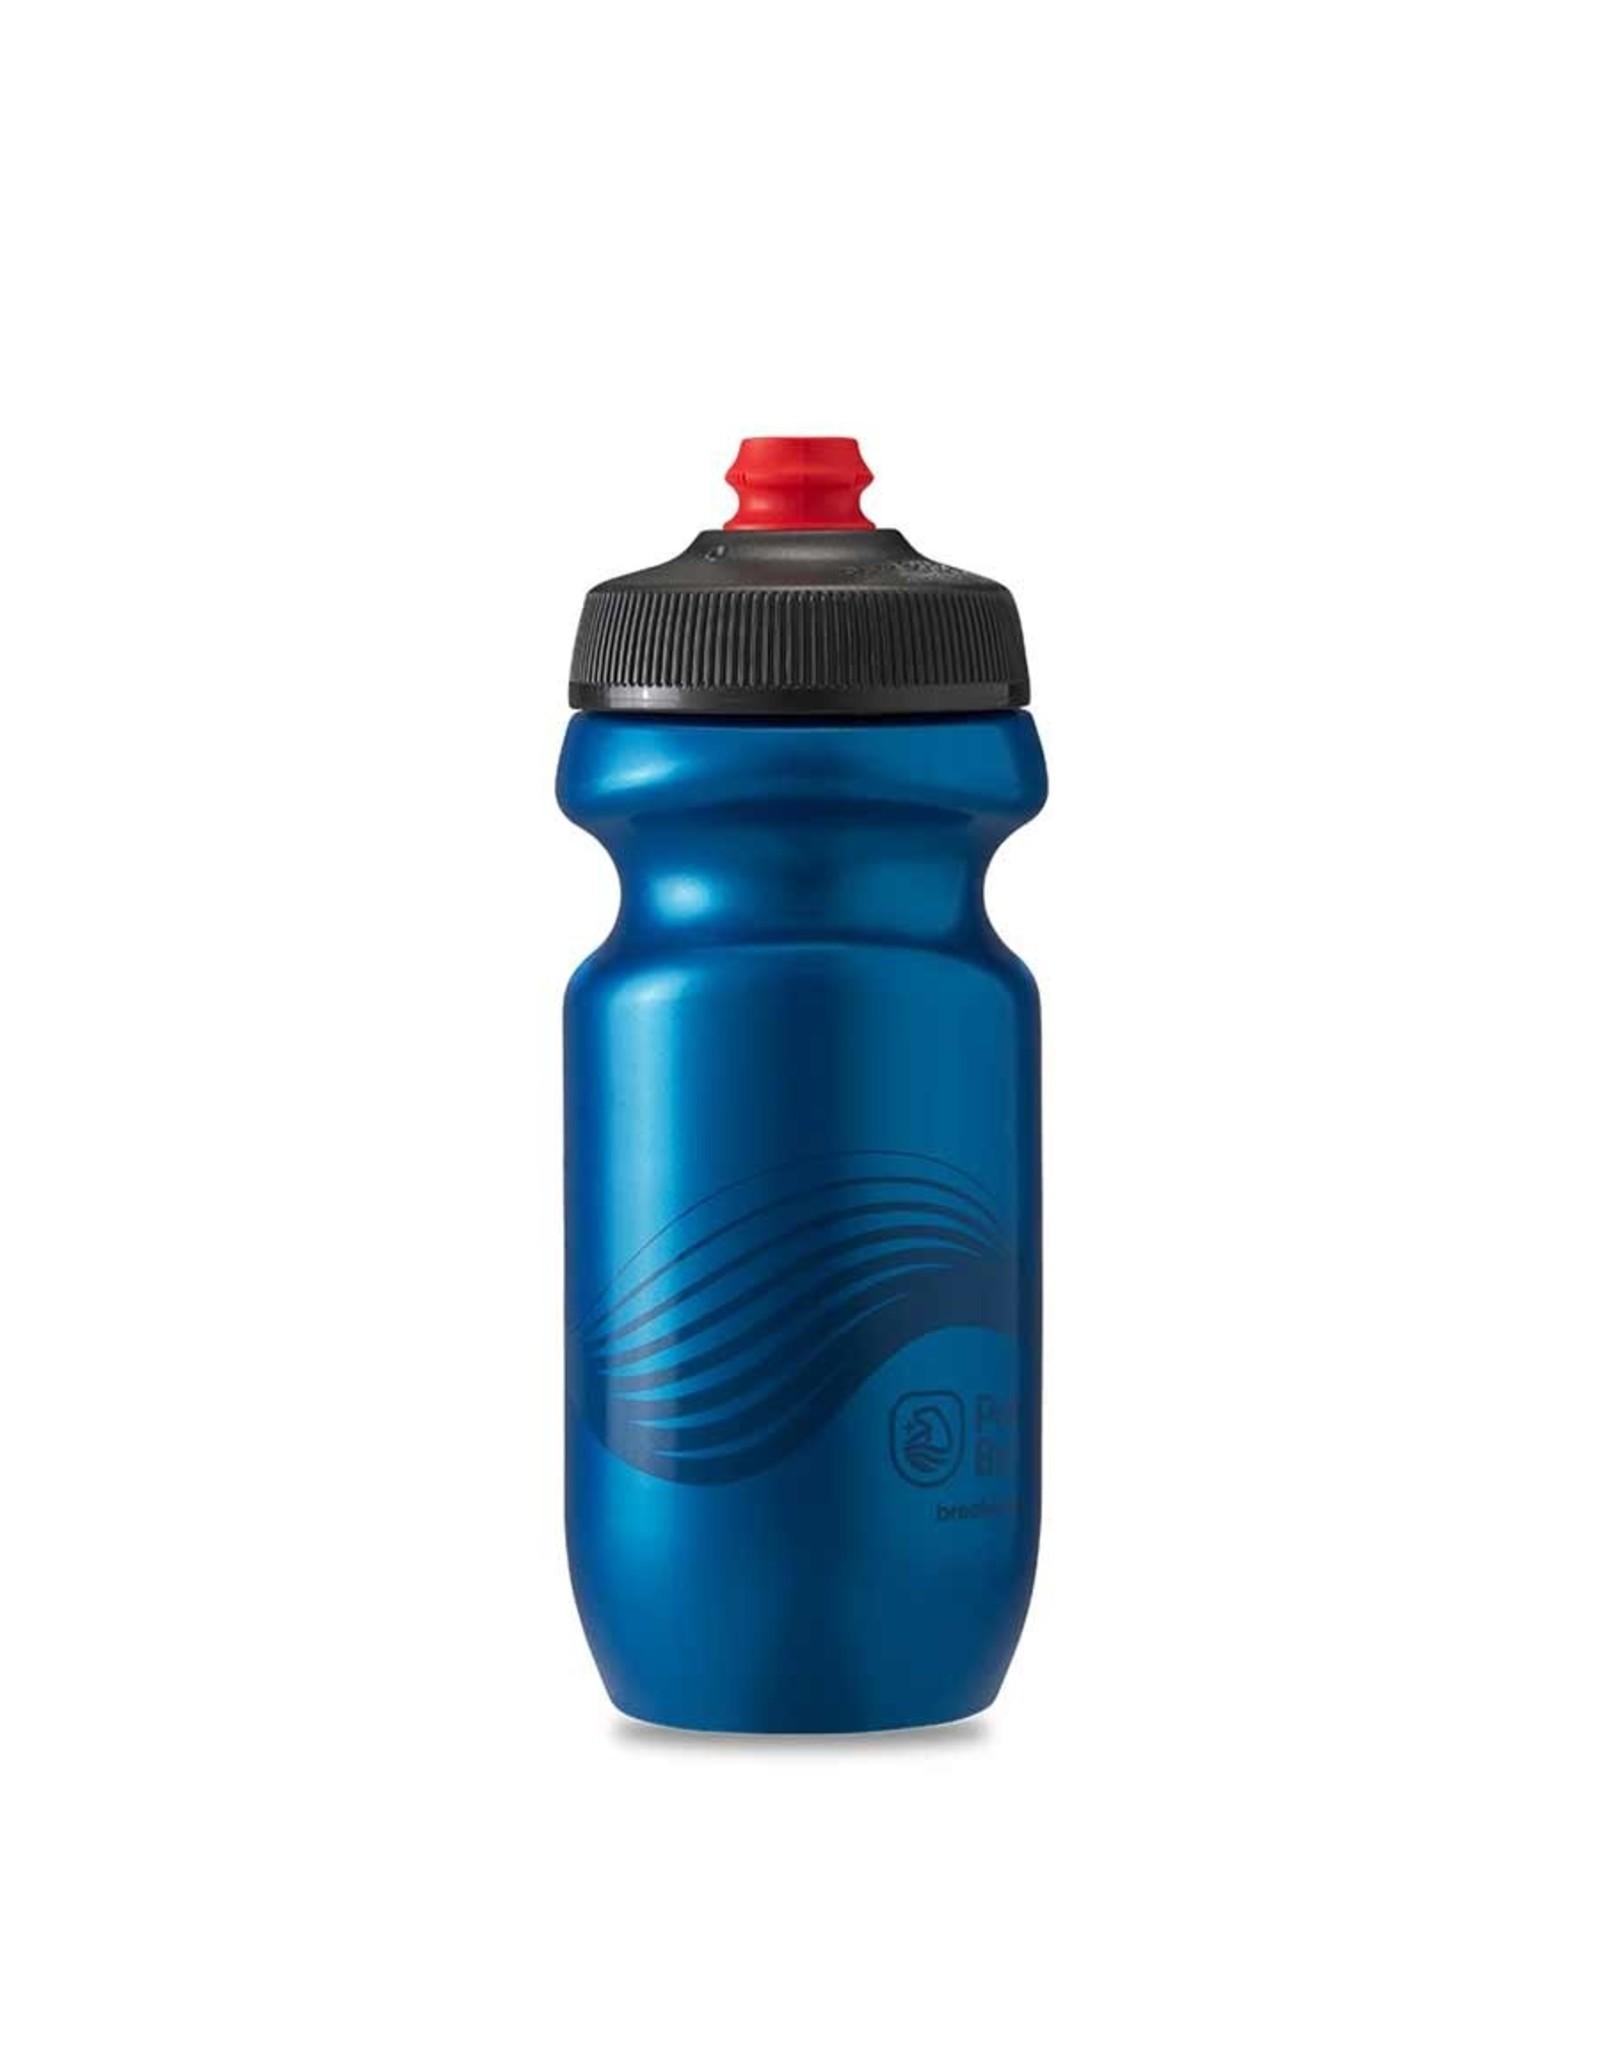 Polar Bottle Gourde 591ml / 20oz, Bleu Foncé/Anthracite